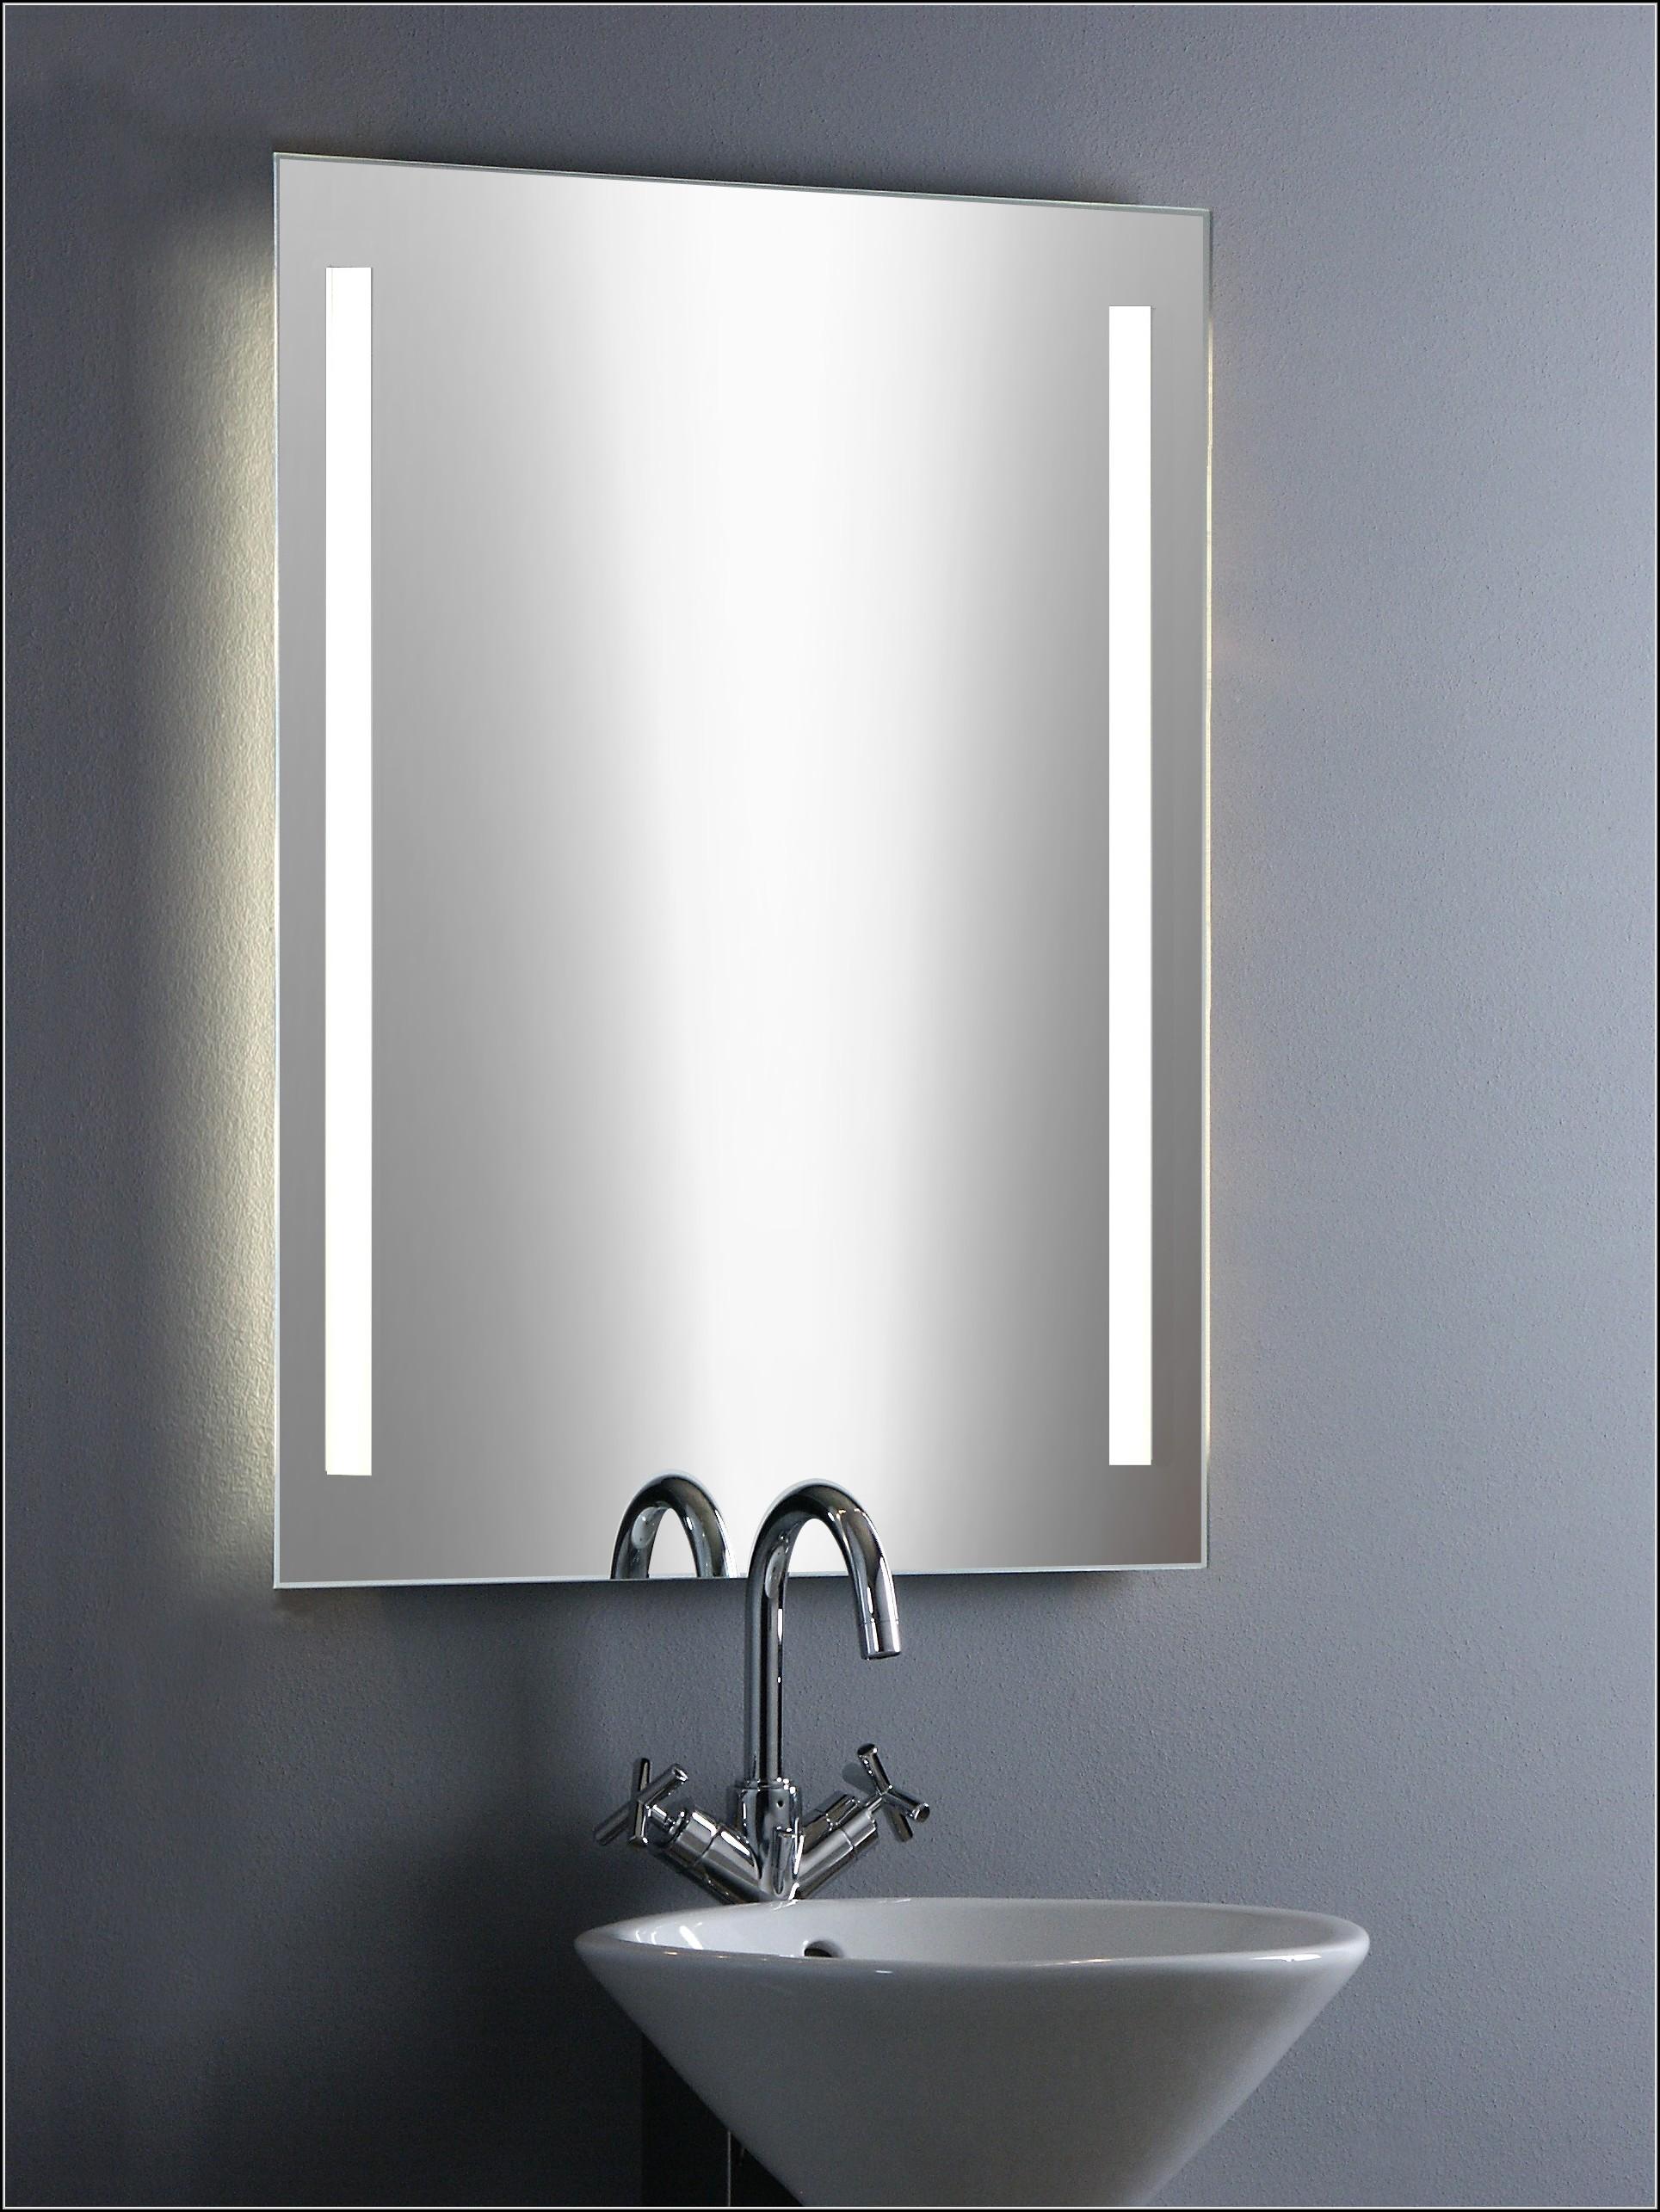 Spiegel Badezimmer Mit Beleuchtung